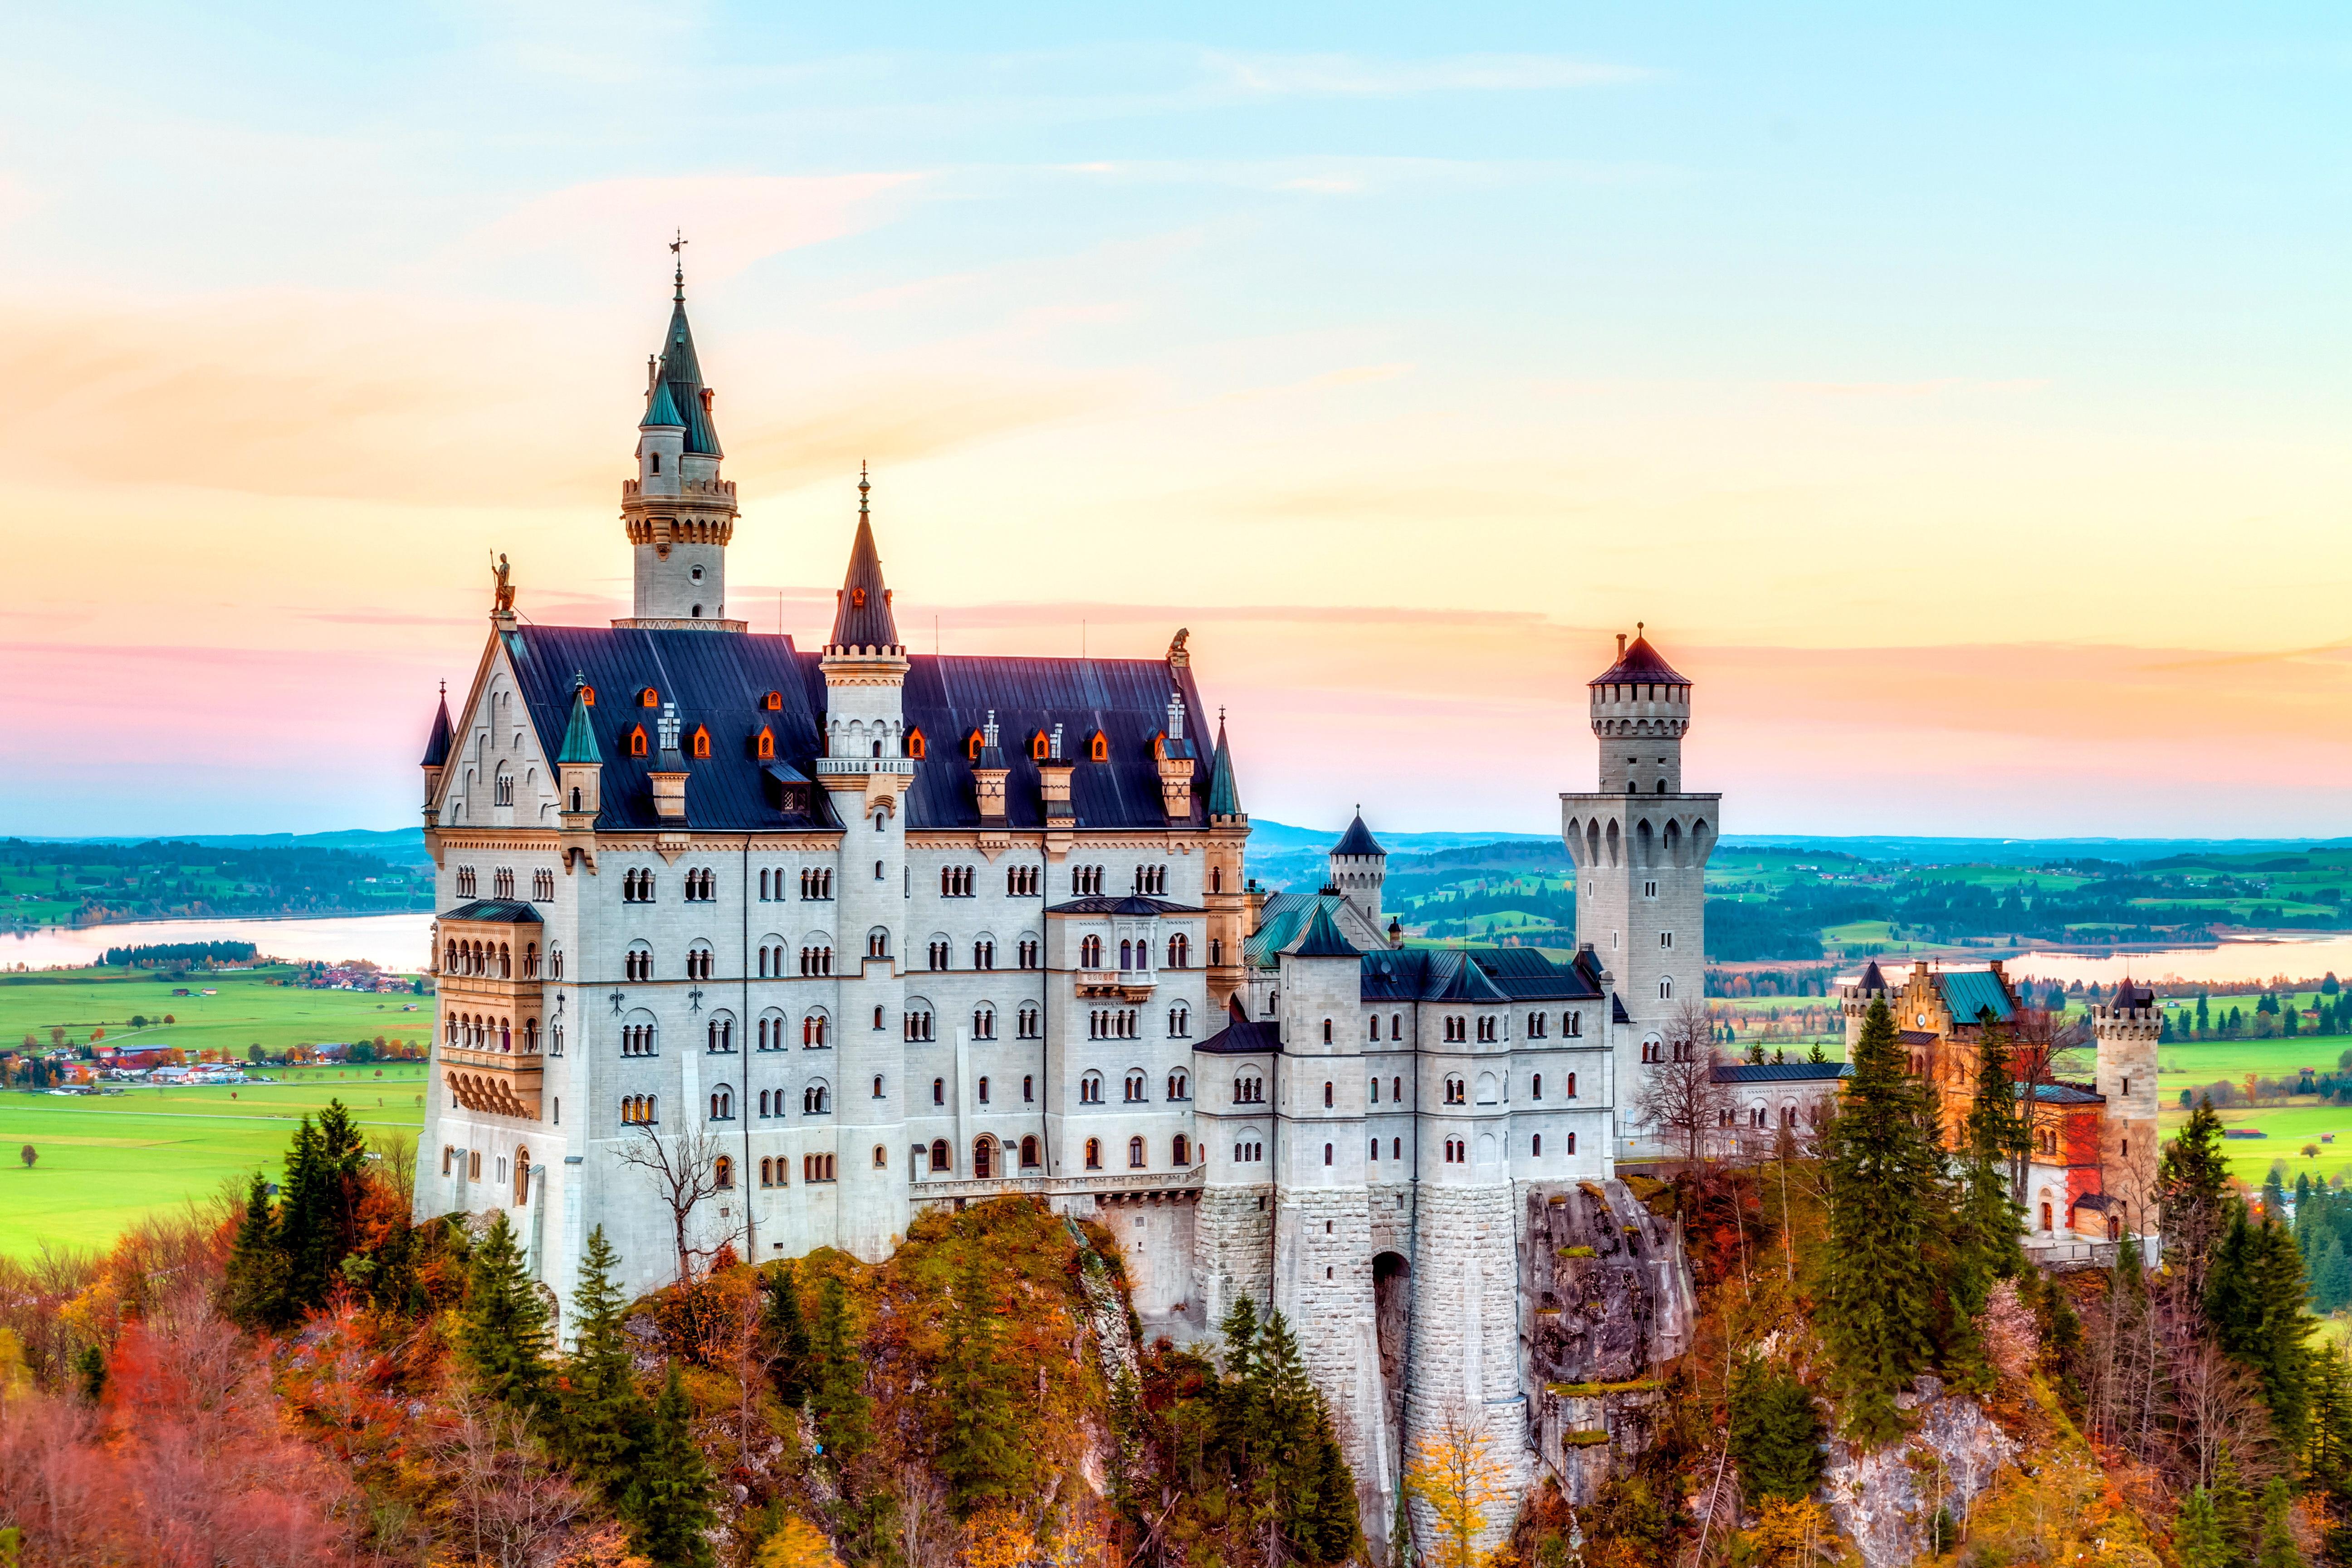 Замок в германии обои на рабочий стол